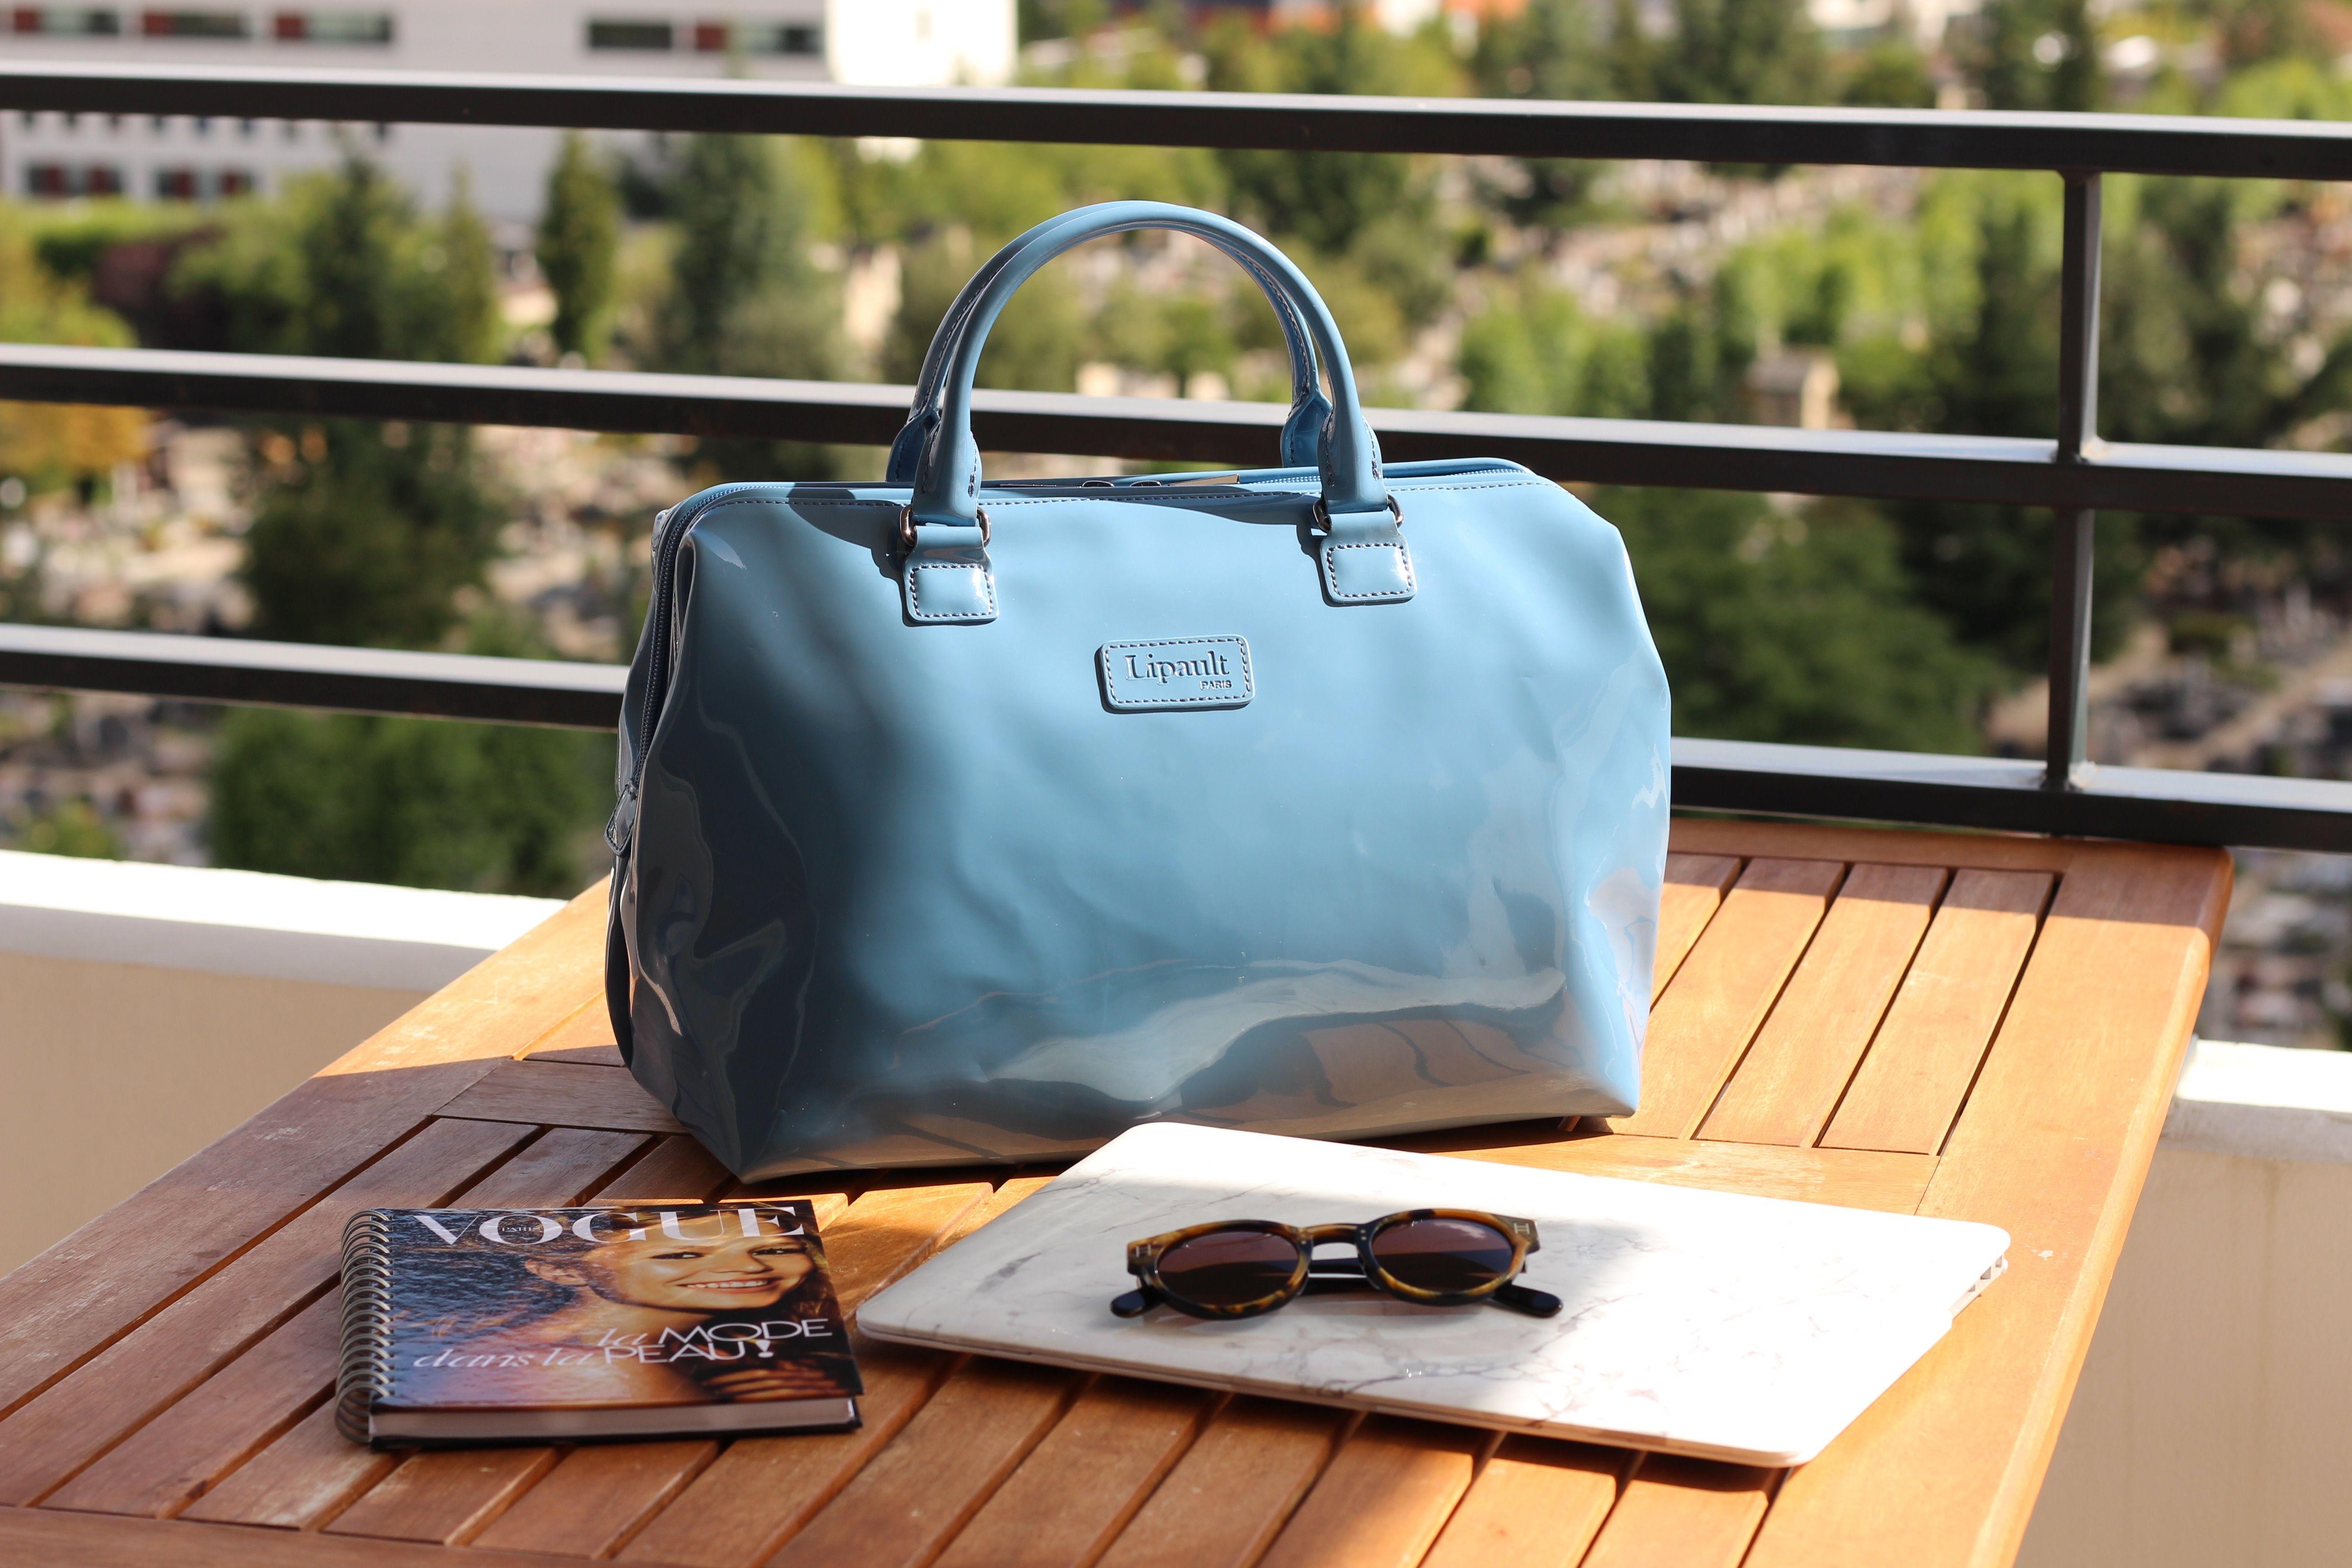 Guiwome Lipault Plume Vinyl Weekend Bag Steel Blue